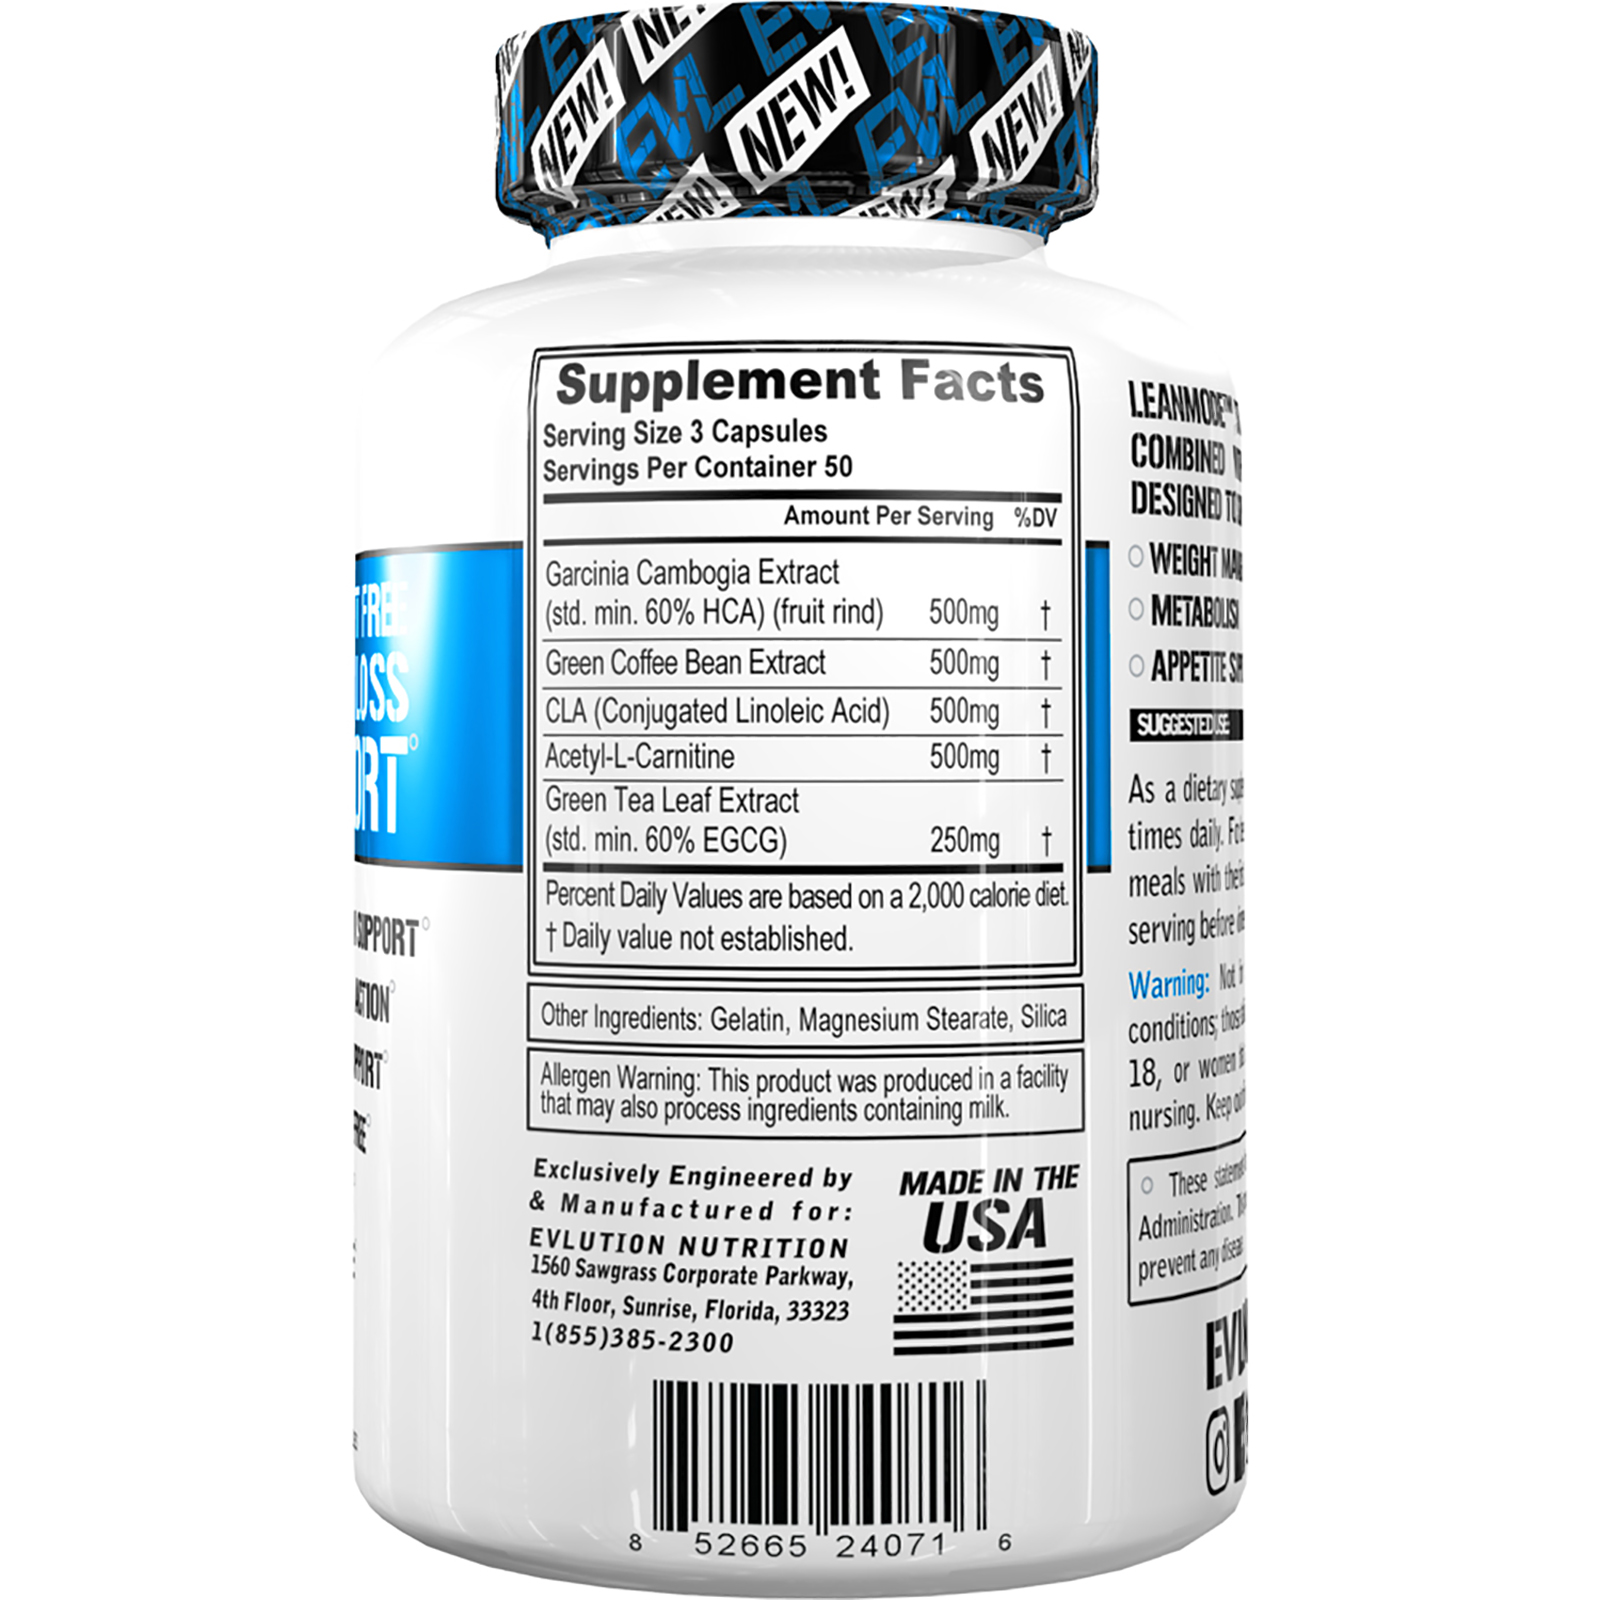 Shred matrix fat loss